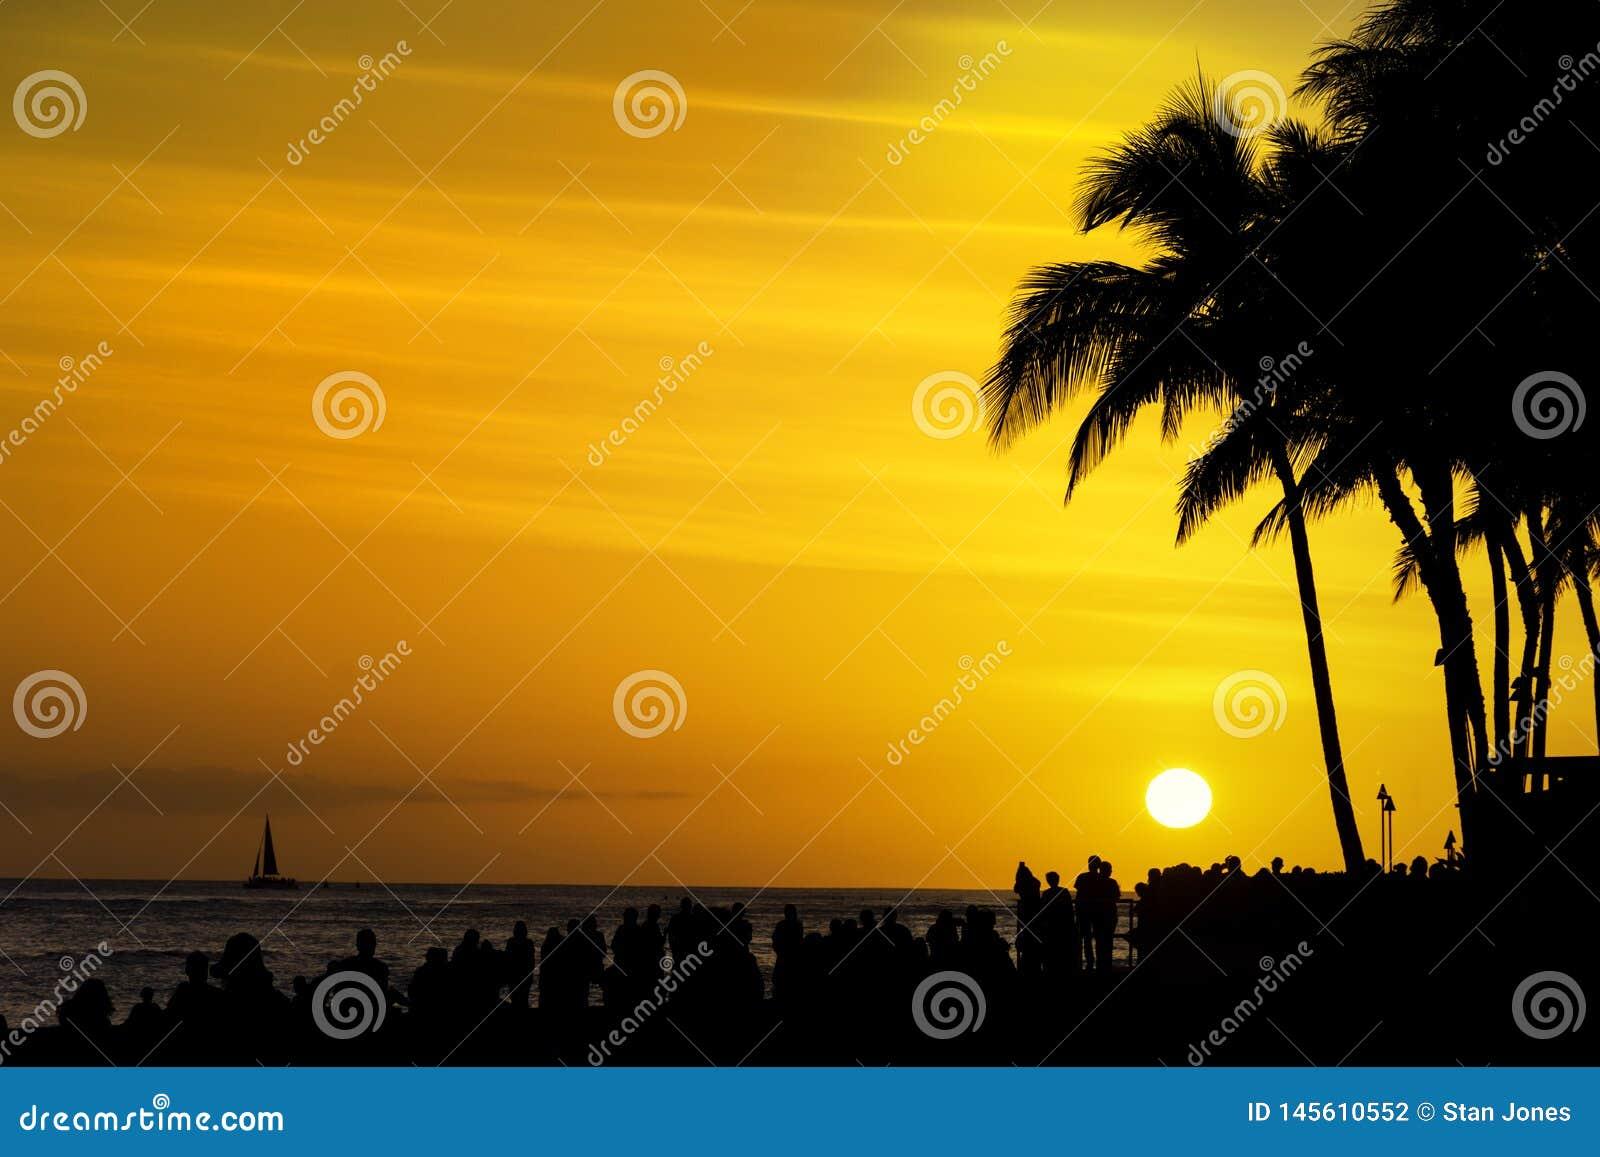 Tłumy turyści zbierają oglądać zmierzch na Waikiki plaży Honolulu Oahu Hawaje usa